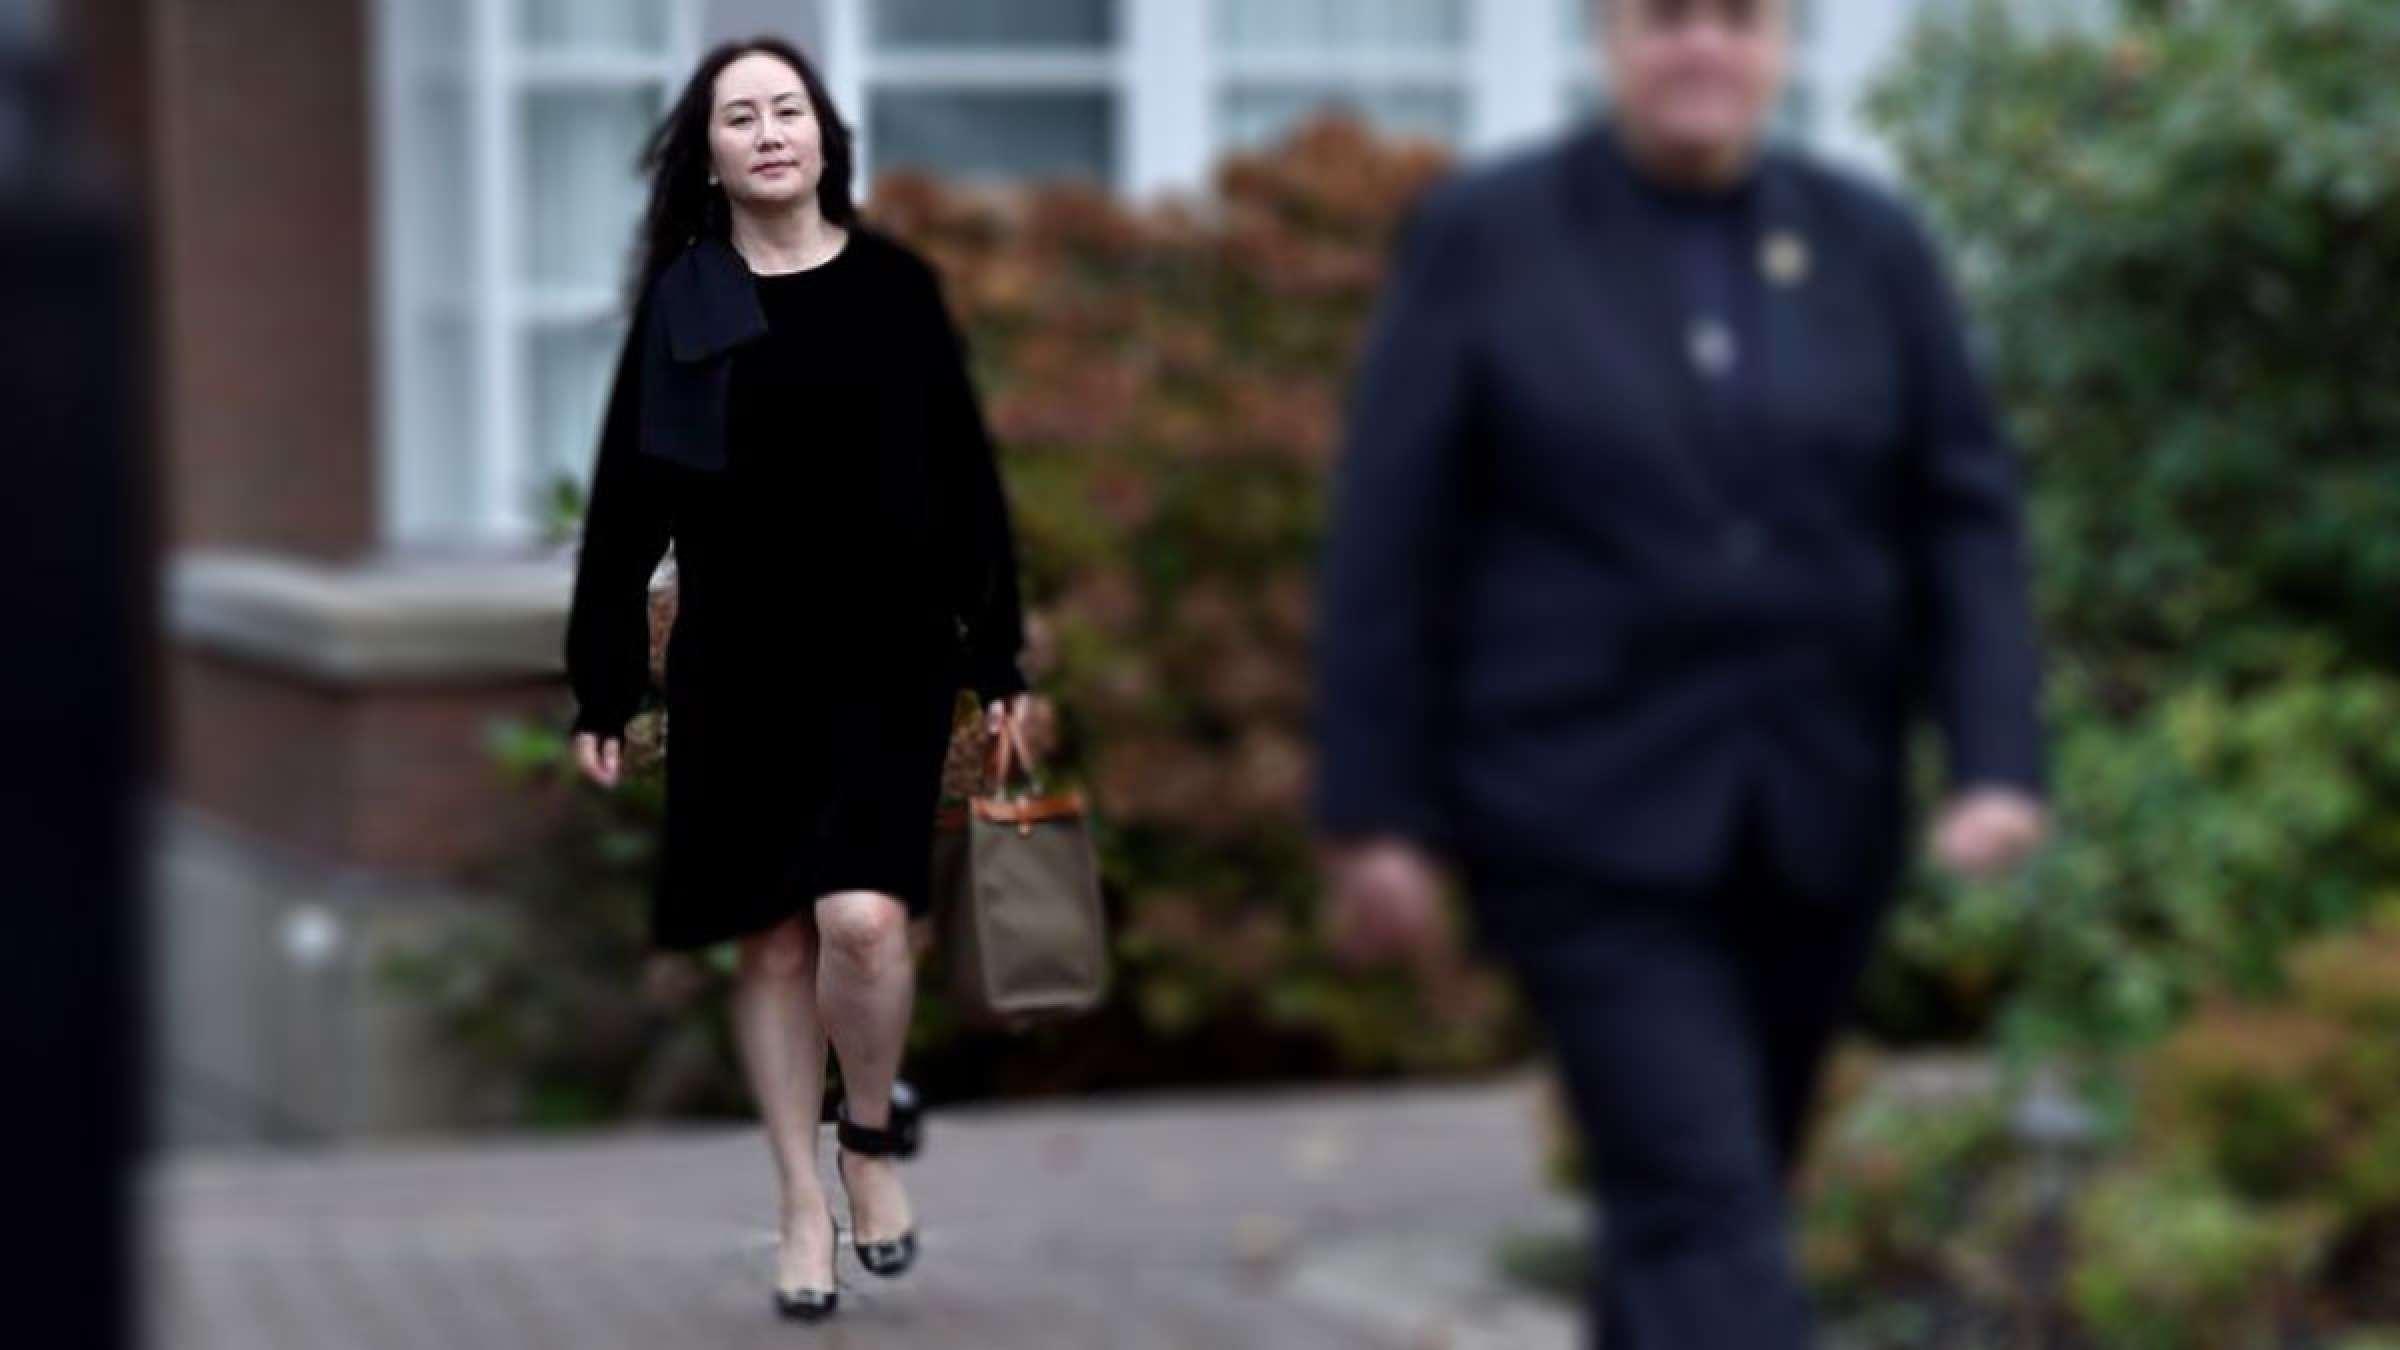 اخبار-کانادا-شاهد-اصلی-بازداشت-مدیر-عامل-هواوی-که-اطلاعات-را-به-آمریکا-فرستاده-بود-حاضر-به-شهادت-در-دادگاه-نشد